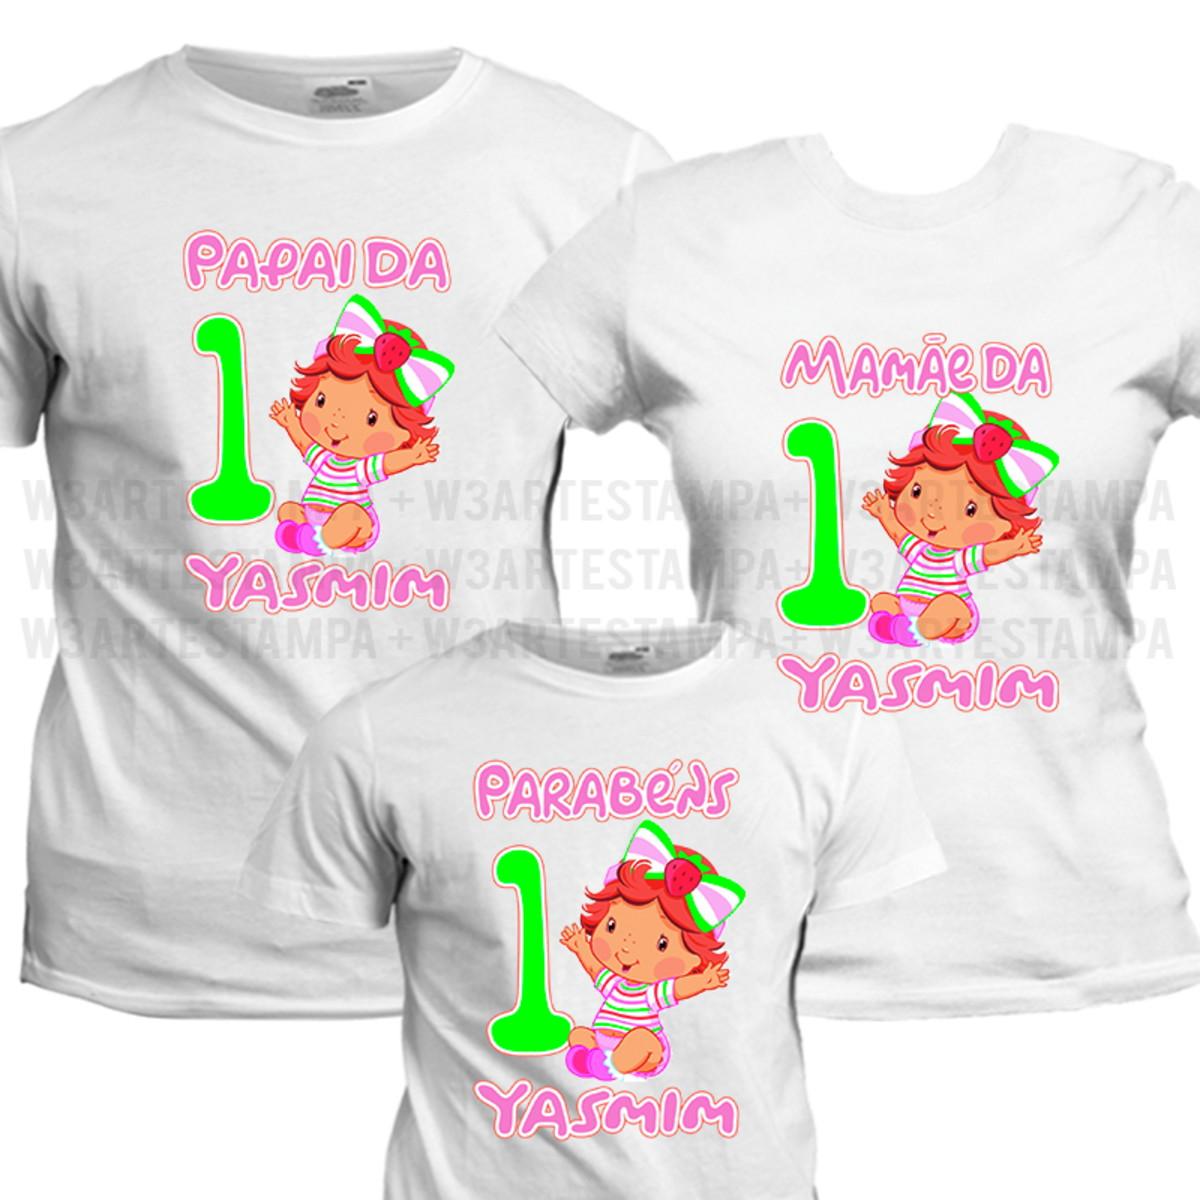 7 Camisetas bebe Moranguinho Aniversário Festa Camisas Blusa no Elo7 ... 12f56cae52e